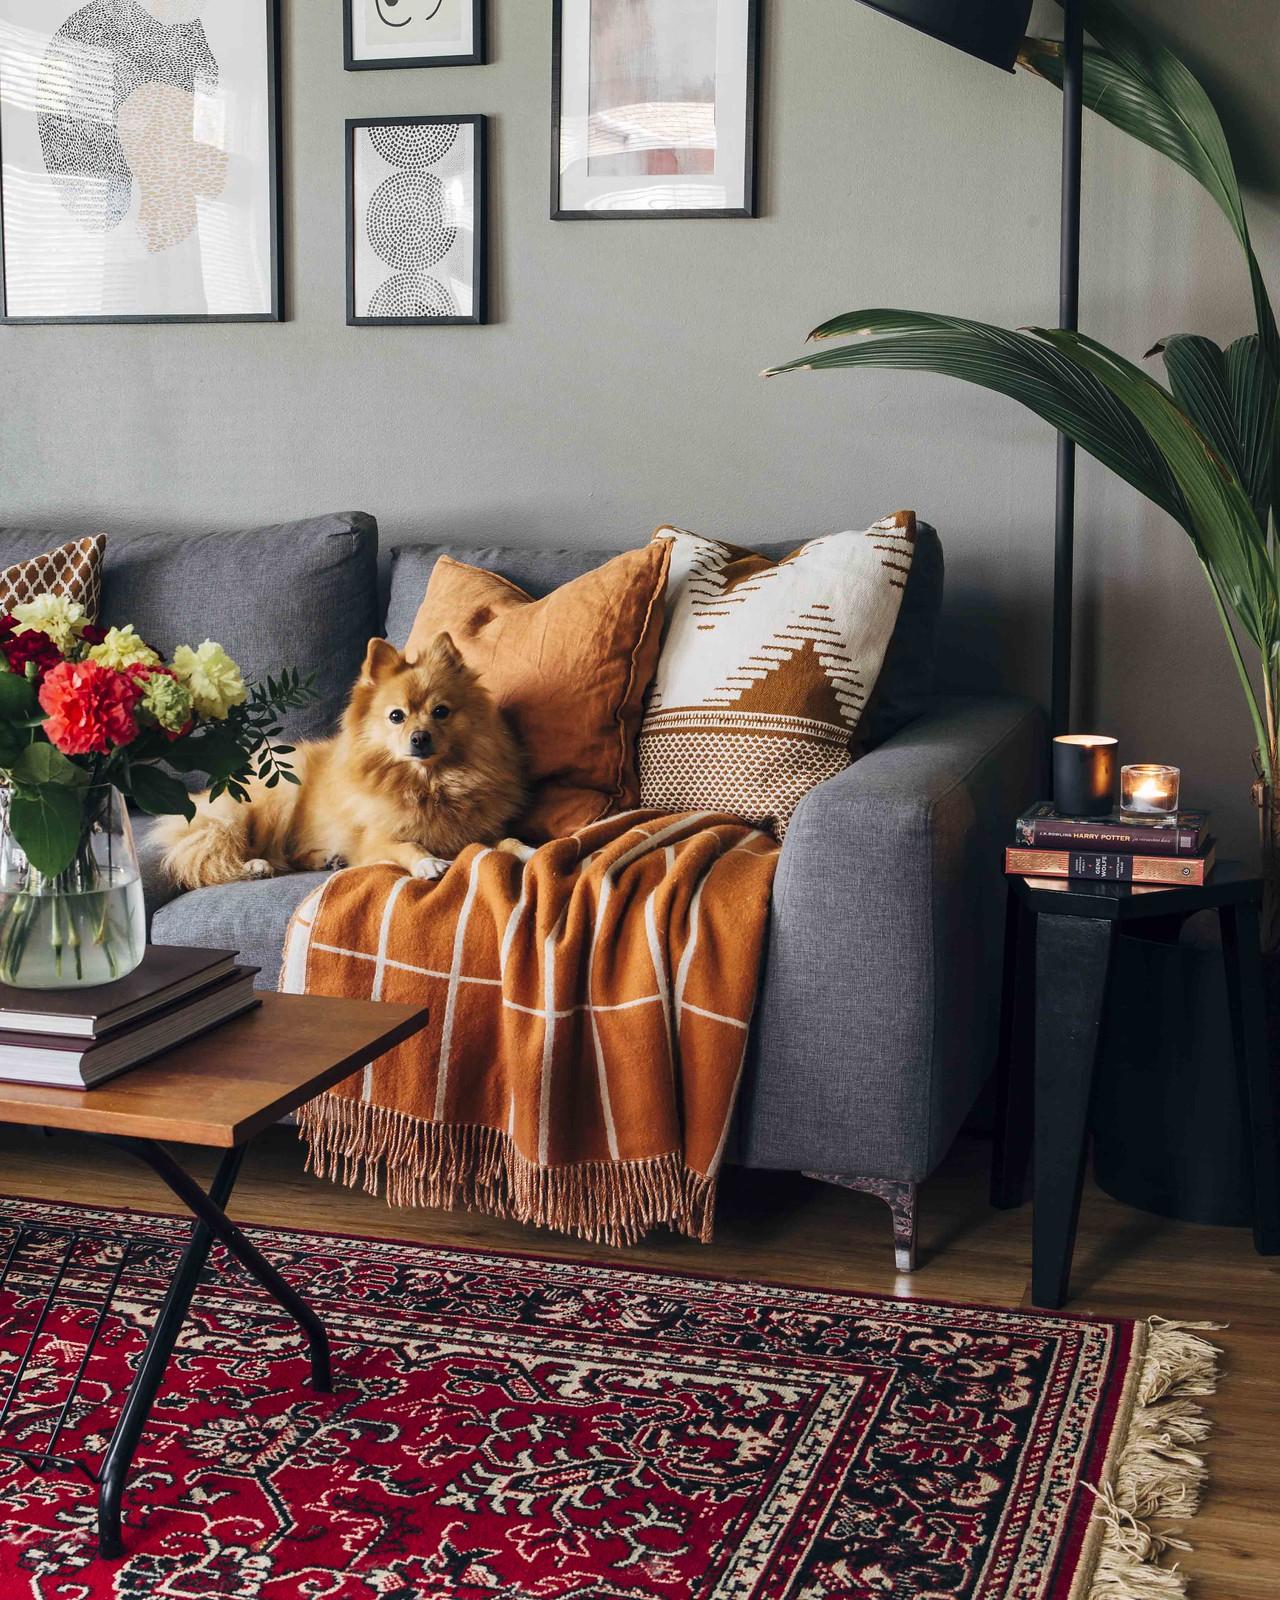 Koira makaa harmaalla sohvalla ja katsoo kameraan. Sohvan edessä on sohvapöytä, jolla on kukkakimppu.